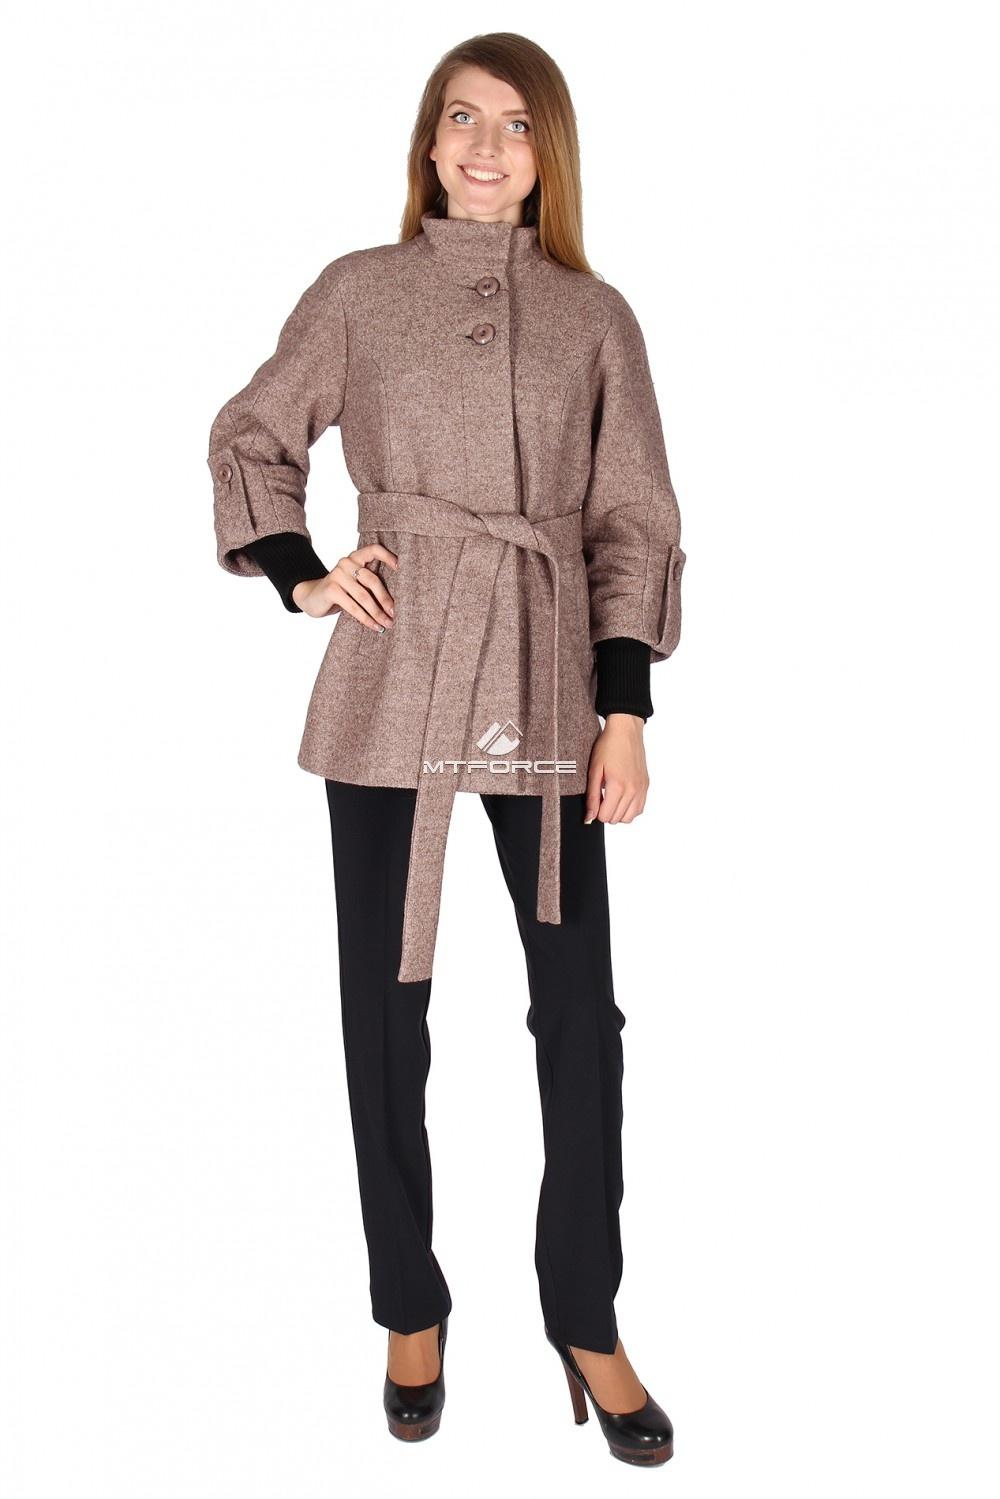 Купить                                  оптом Полупальто женское коричневого цвета 16300K